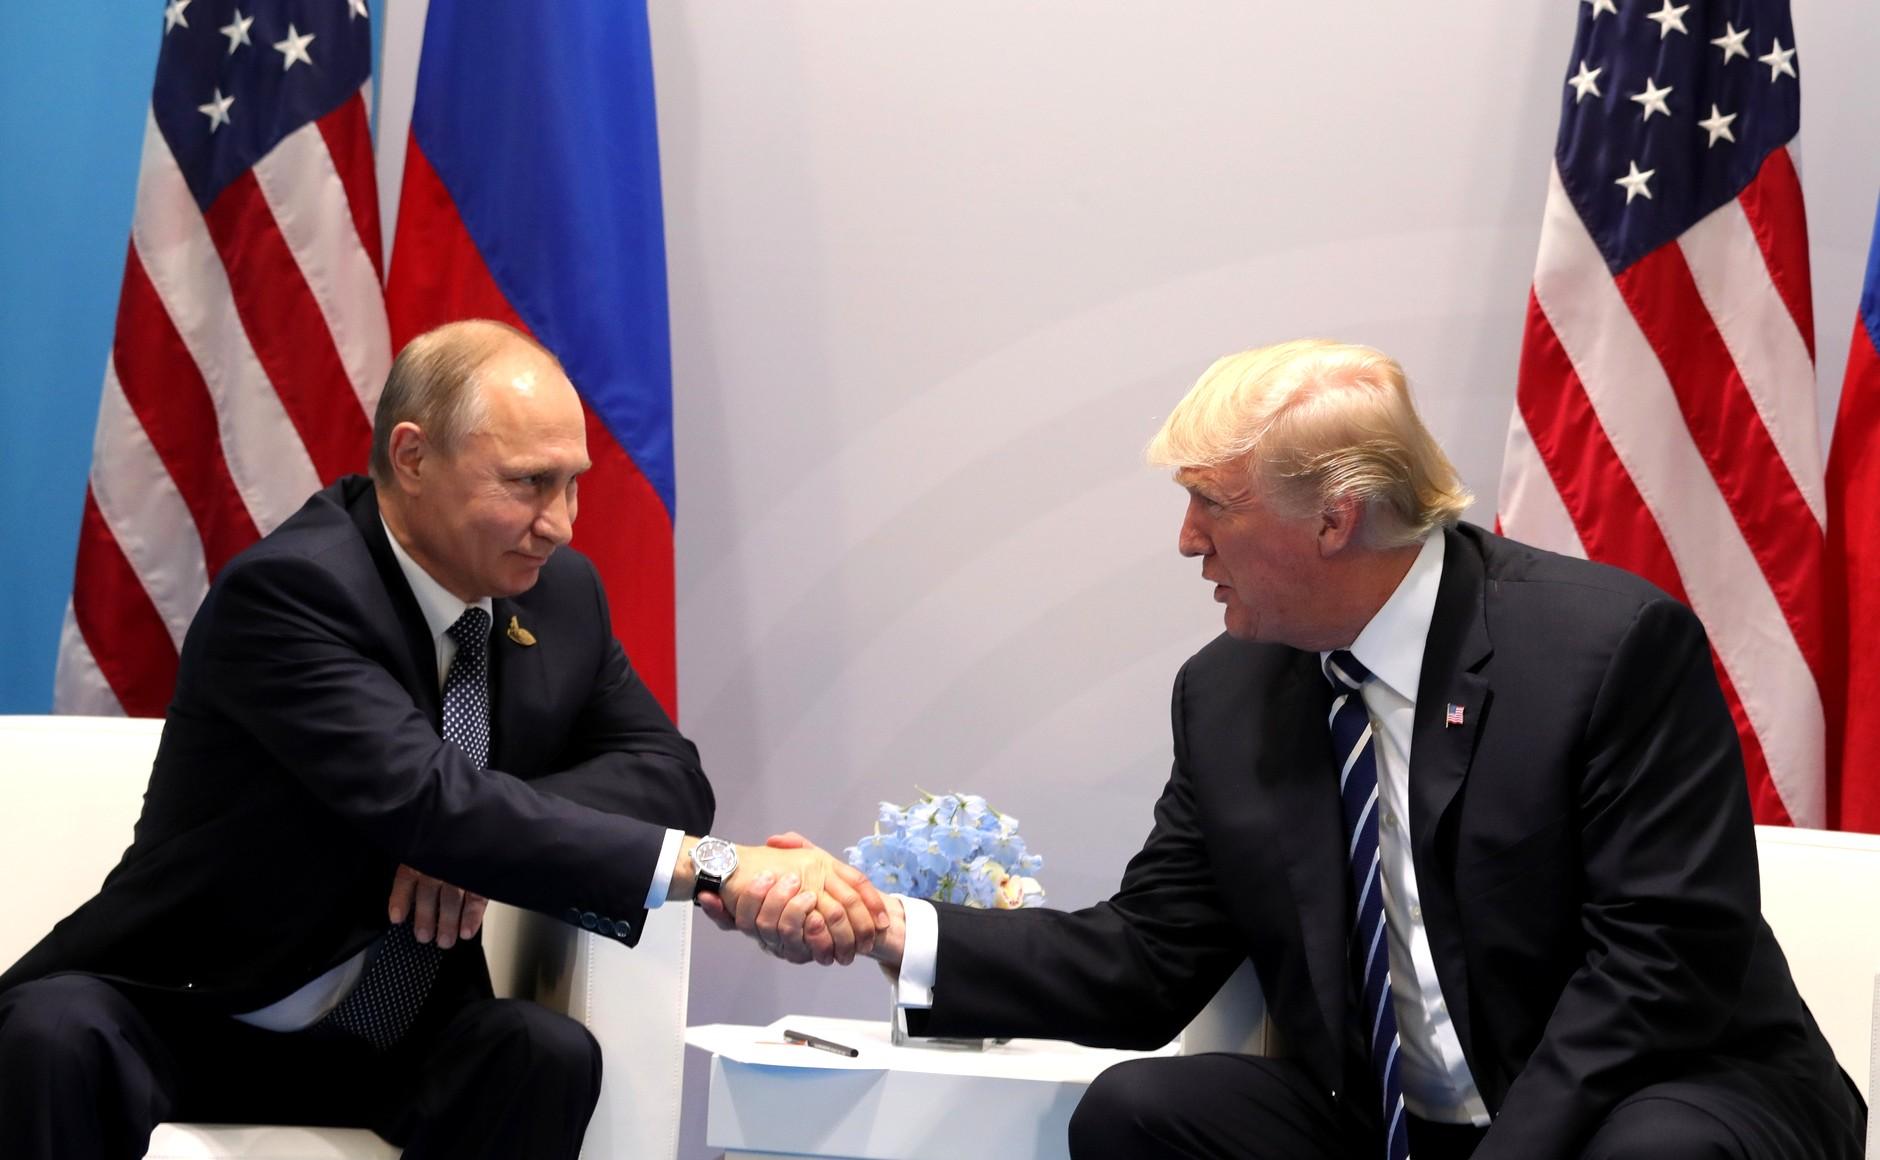 Putin a Fox, cose cambiate in meglio dopo incontro Trump